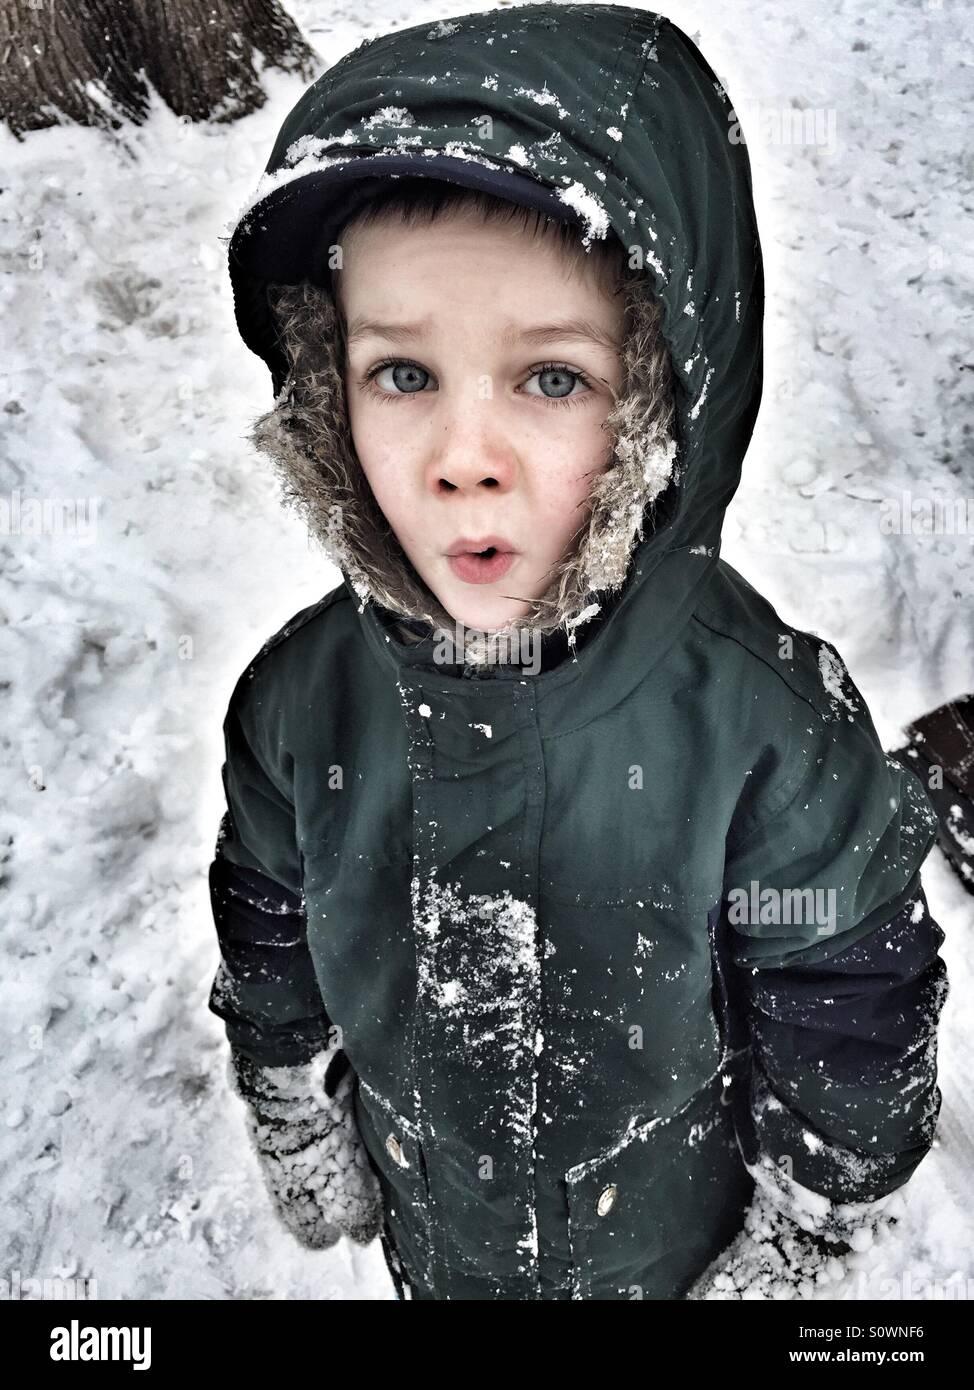 Giovane ragazzo in un parka fuori nella neve in inverno Immagini Stock